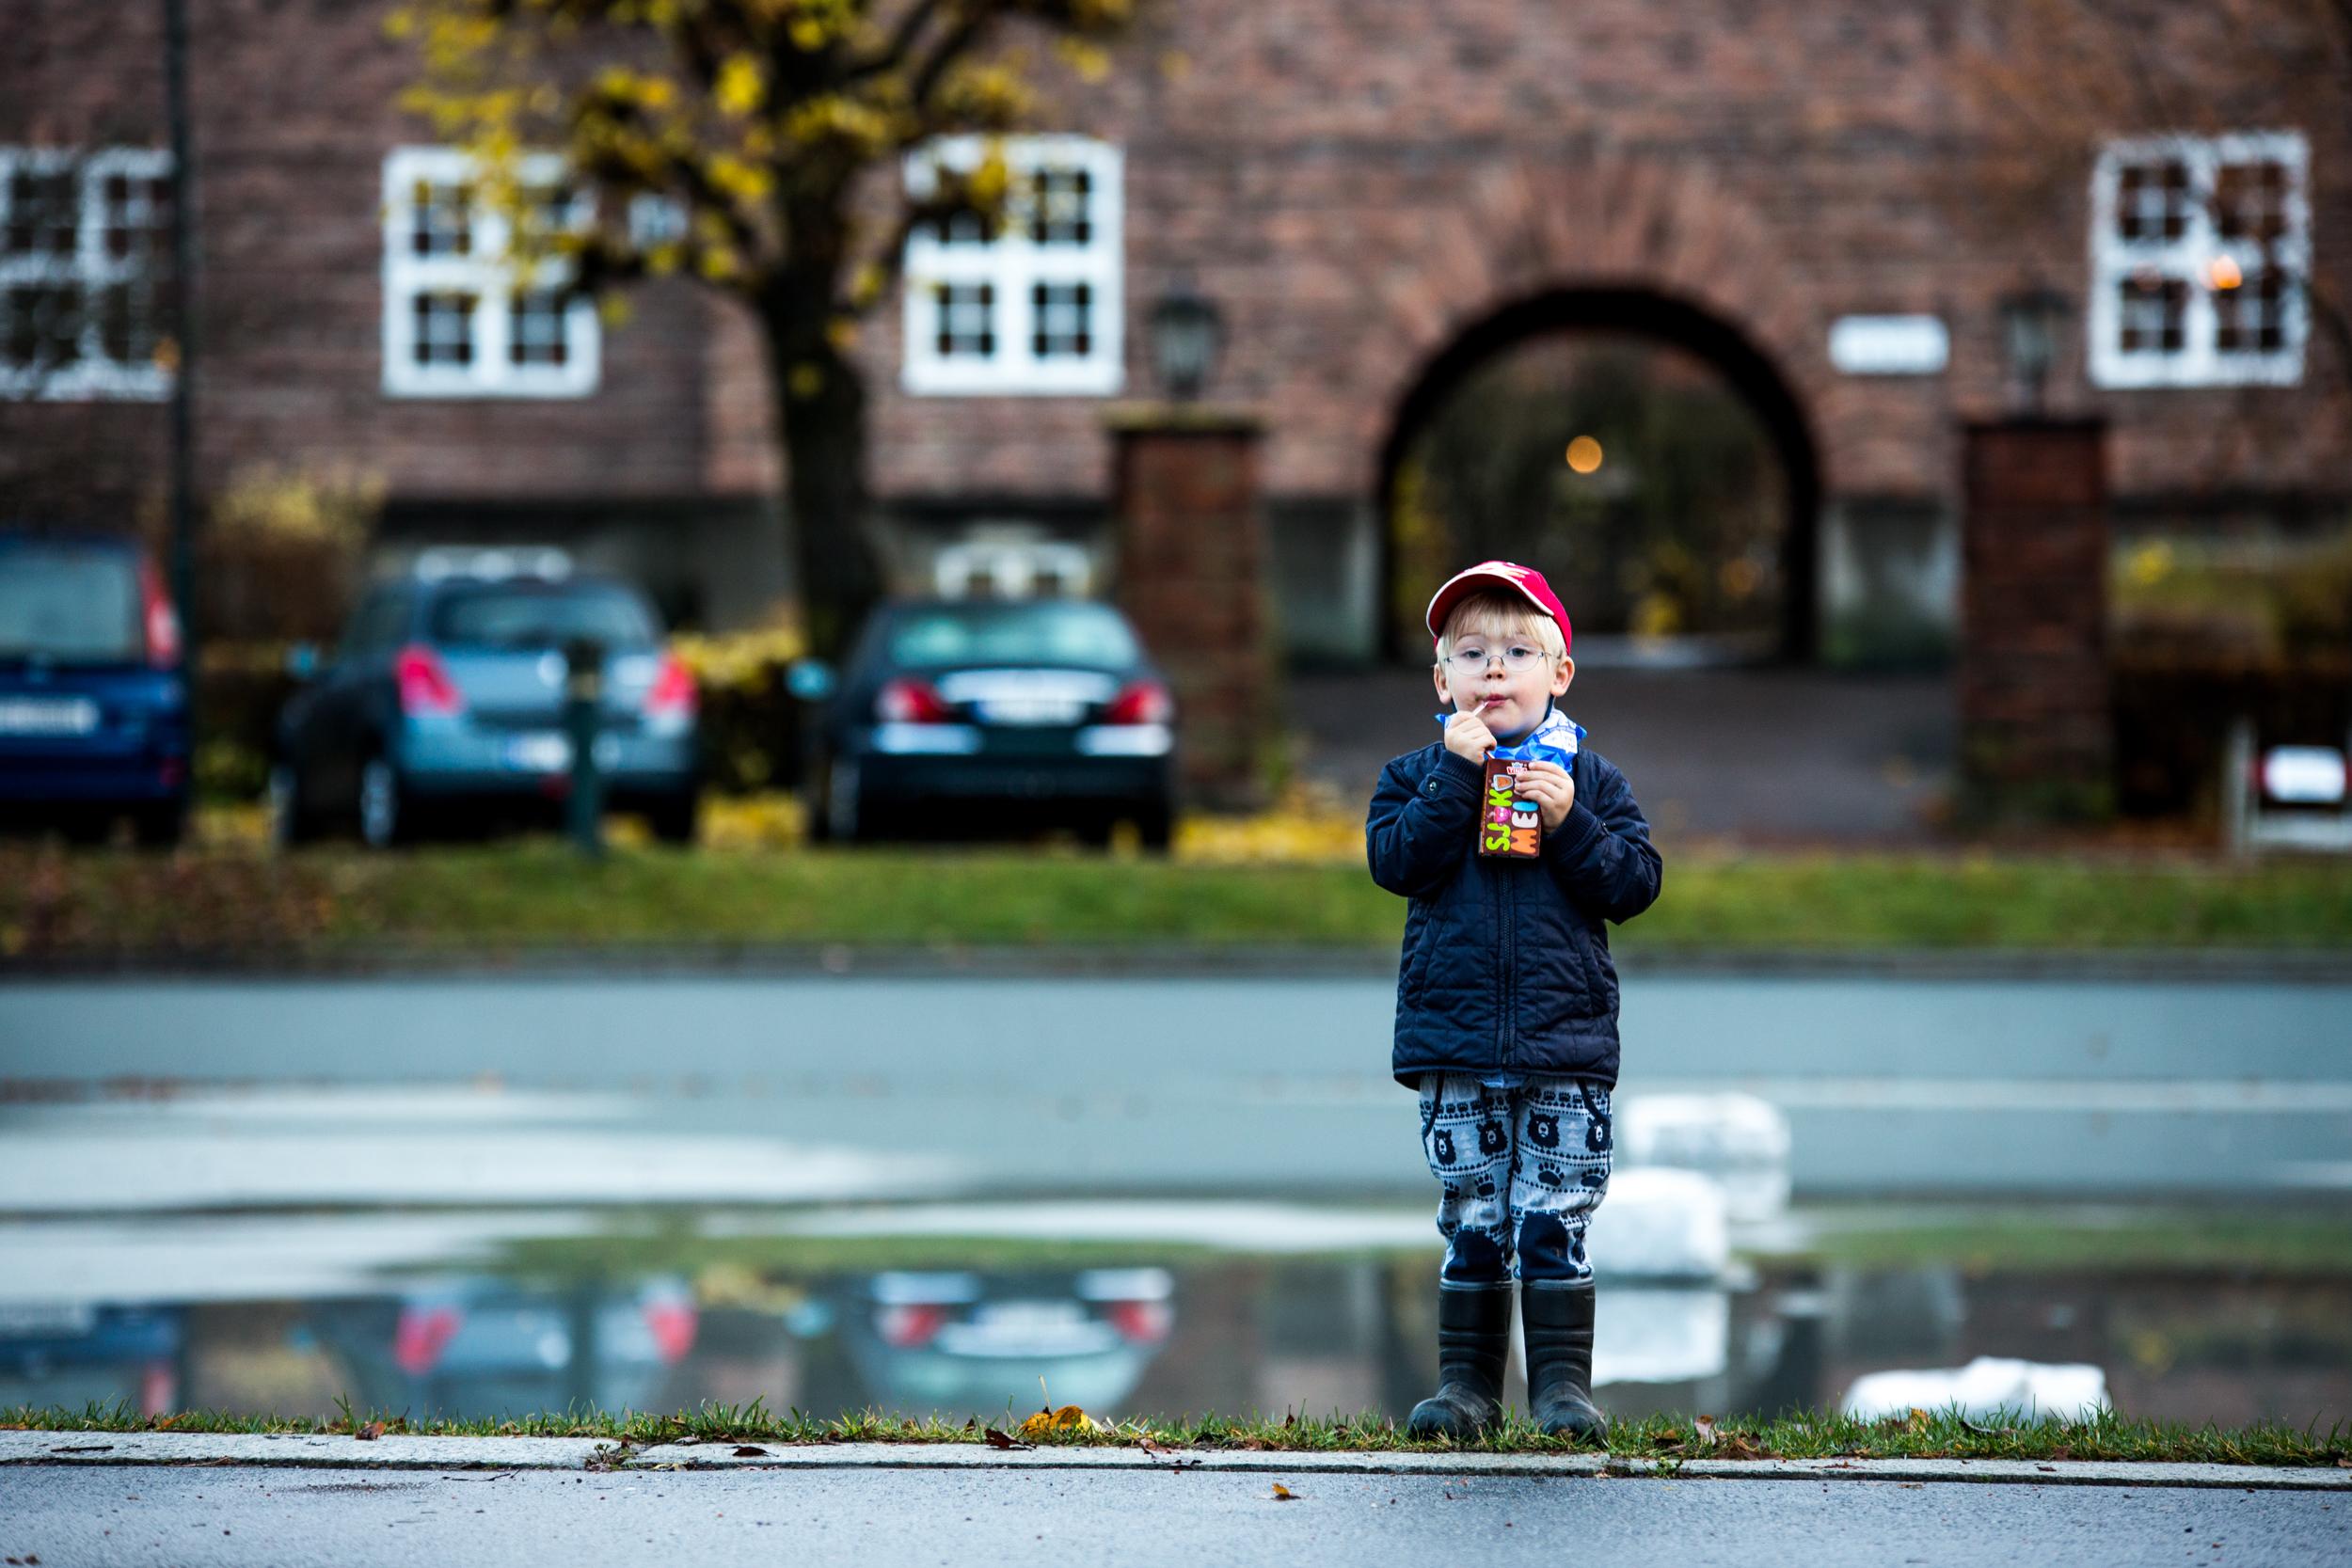 071115_fausko_oslo_damplassen_mikkel_sjokomelk_portrett-3.jpg